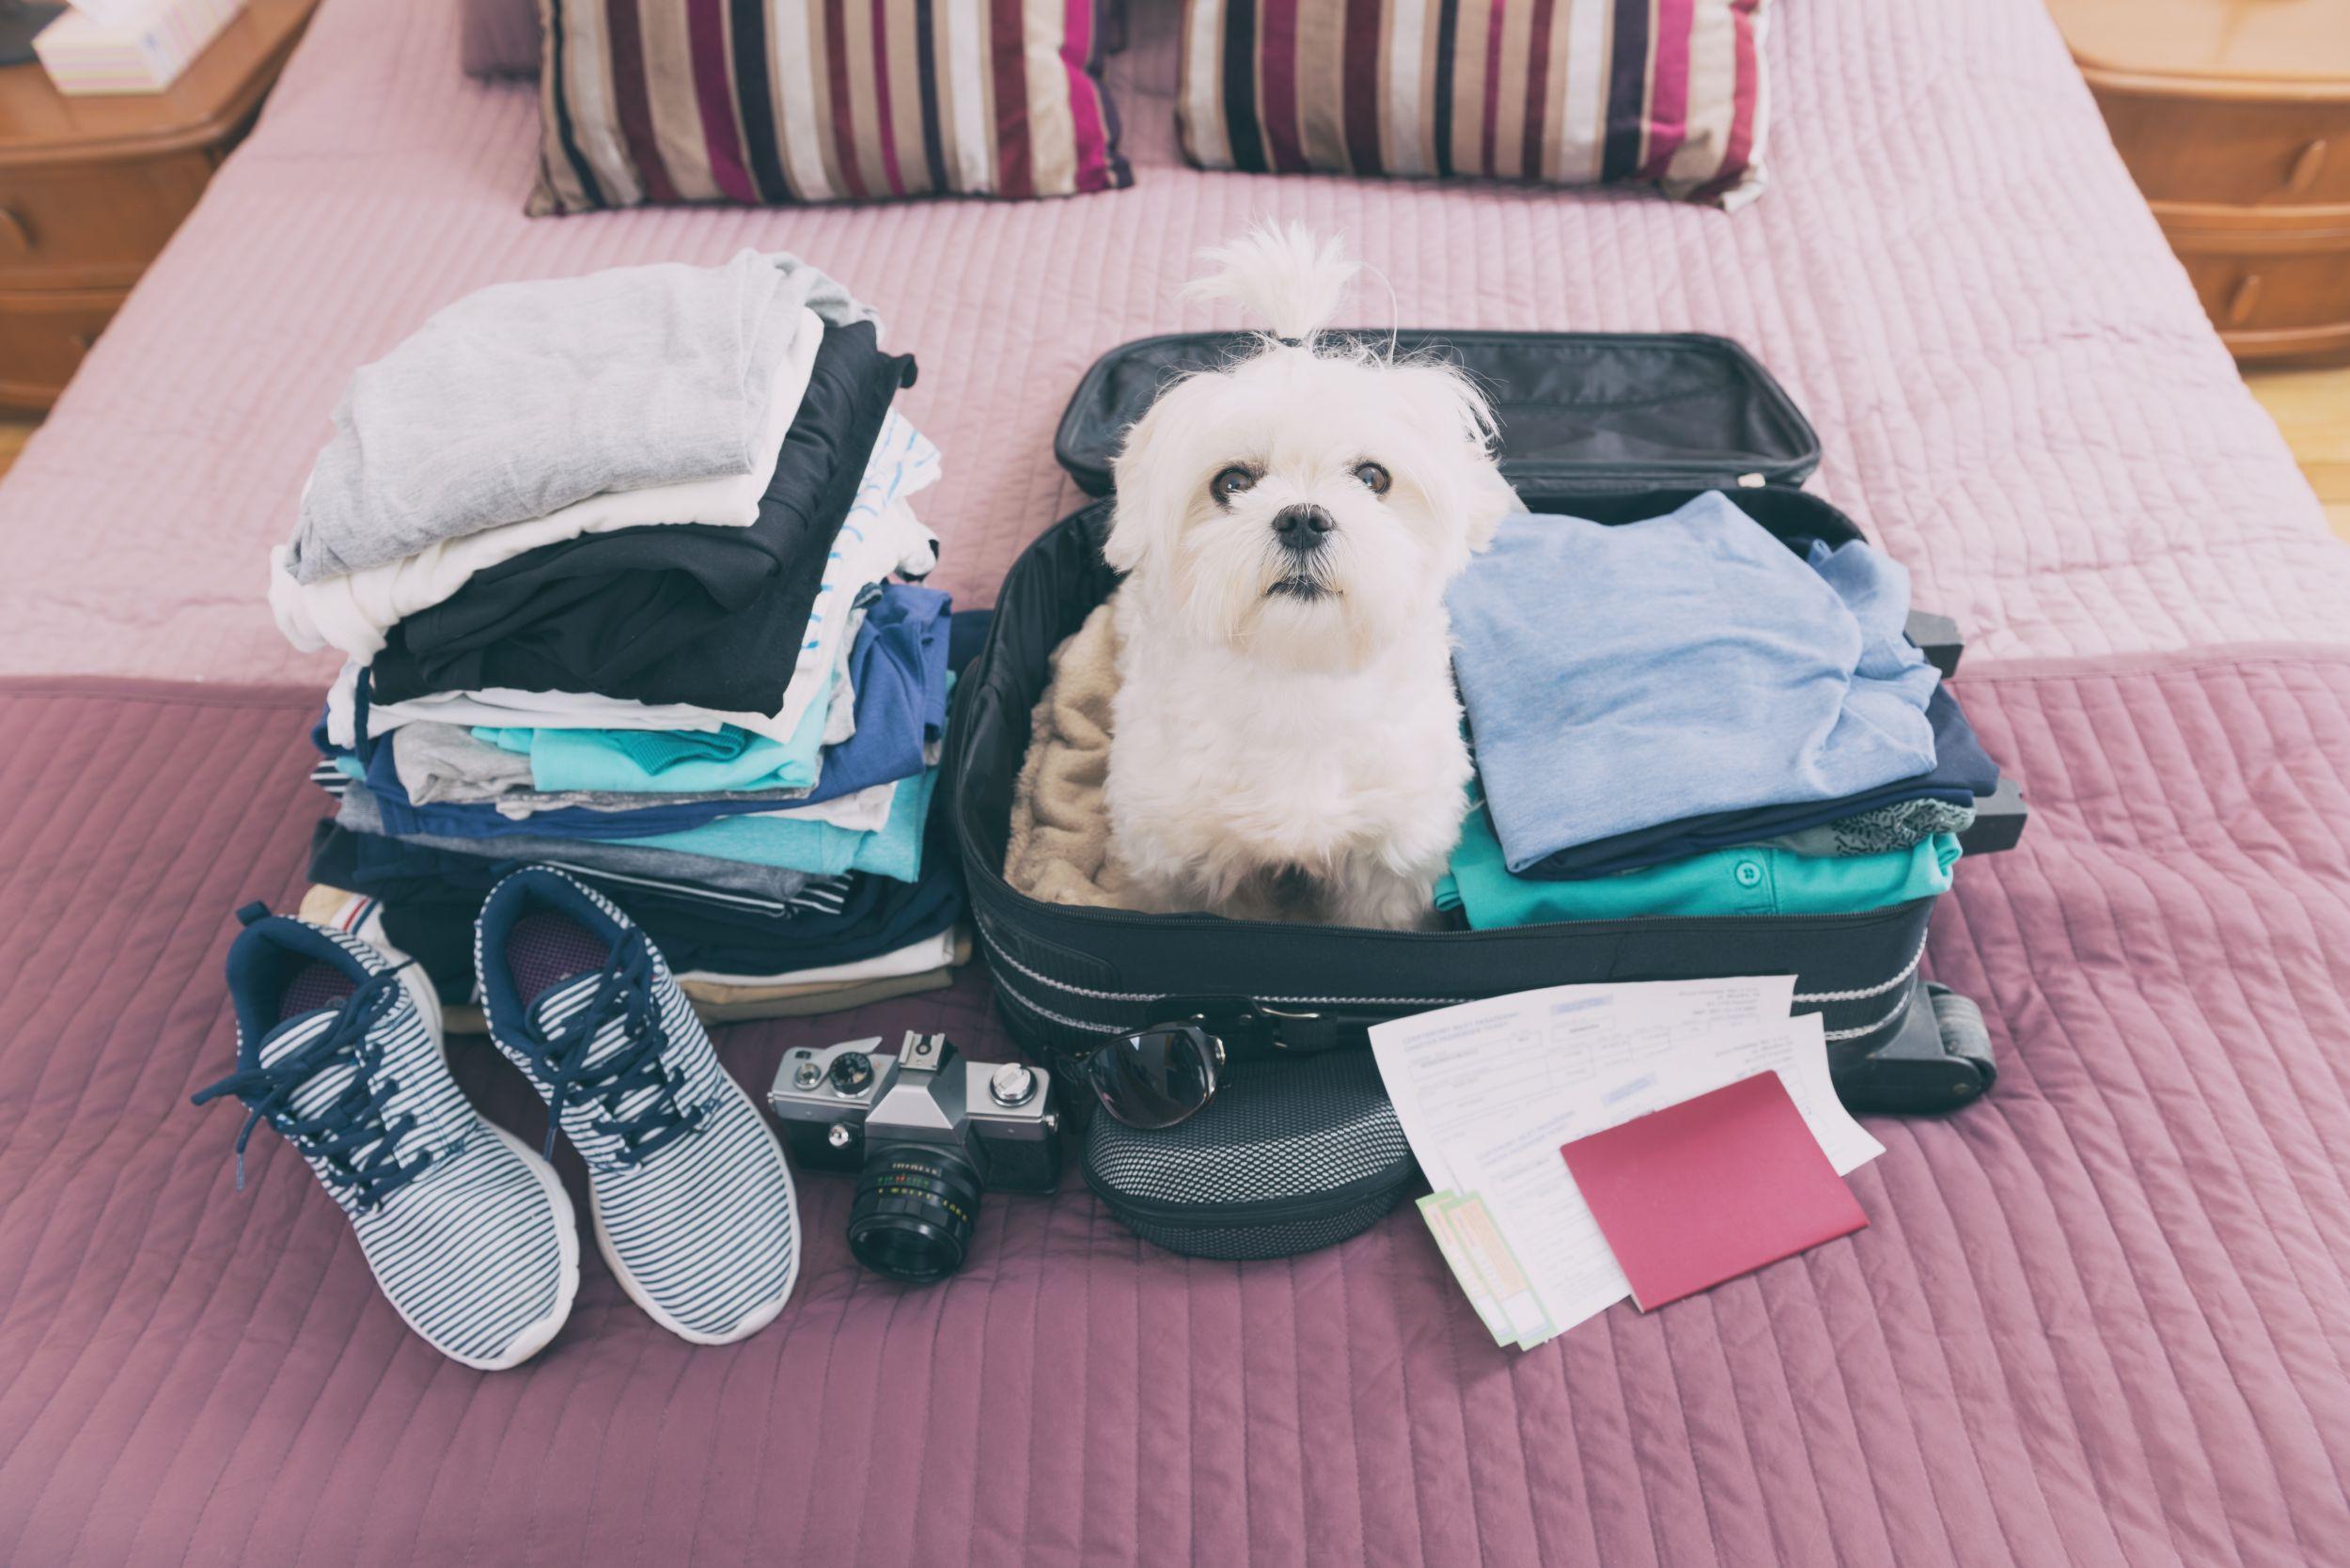 Dogilike.com :: 10 วันก่อนเดินทางไกล เตรียมตัวน้องหมายังไงให้พร้อมเที่ยว